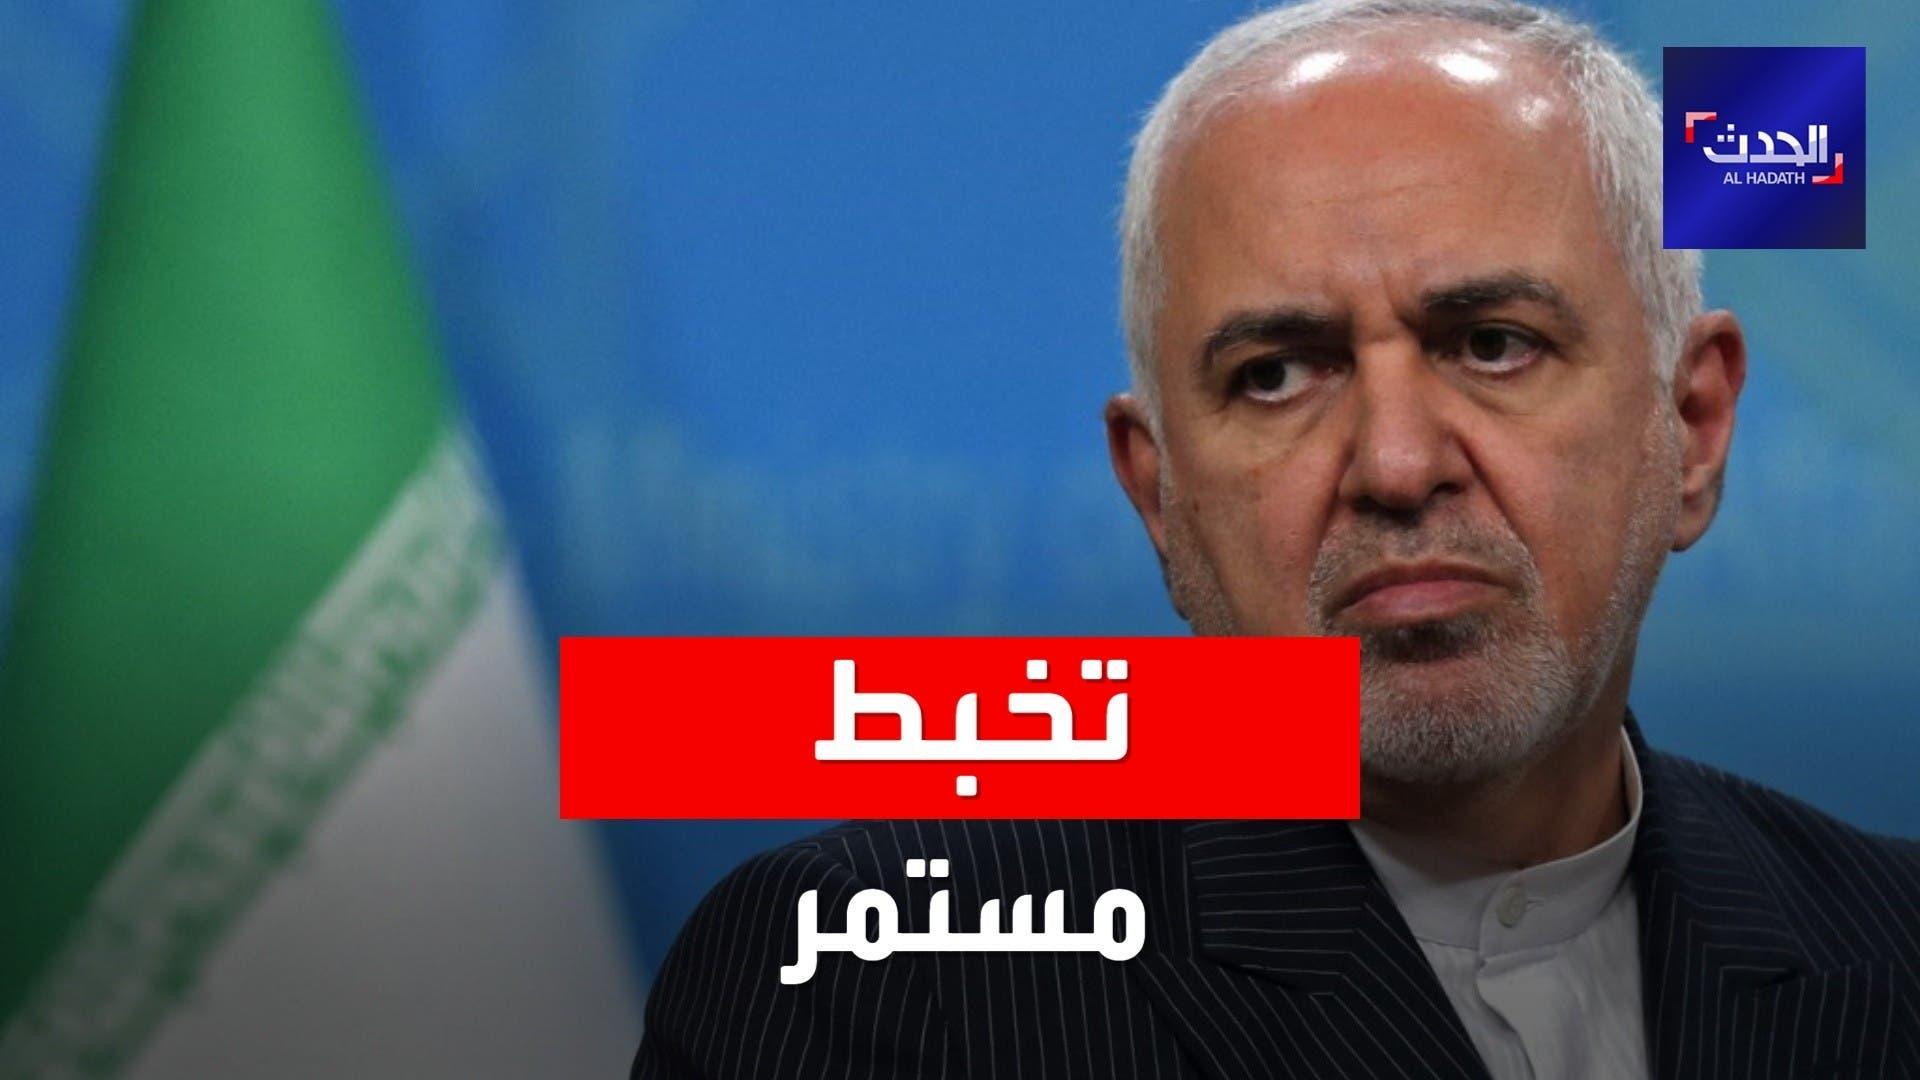 تسريبات ظريف تزيد من حالة التخبط بصفوف النظام الإيراني